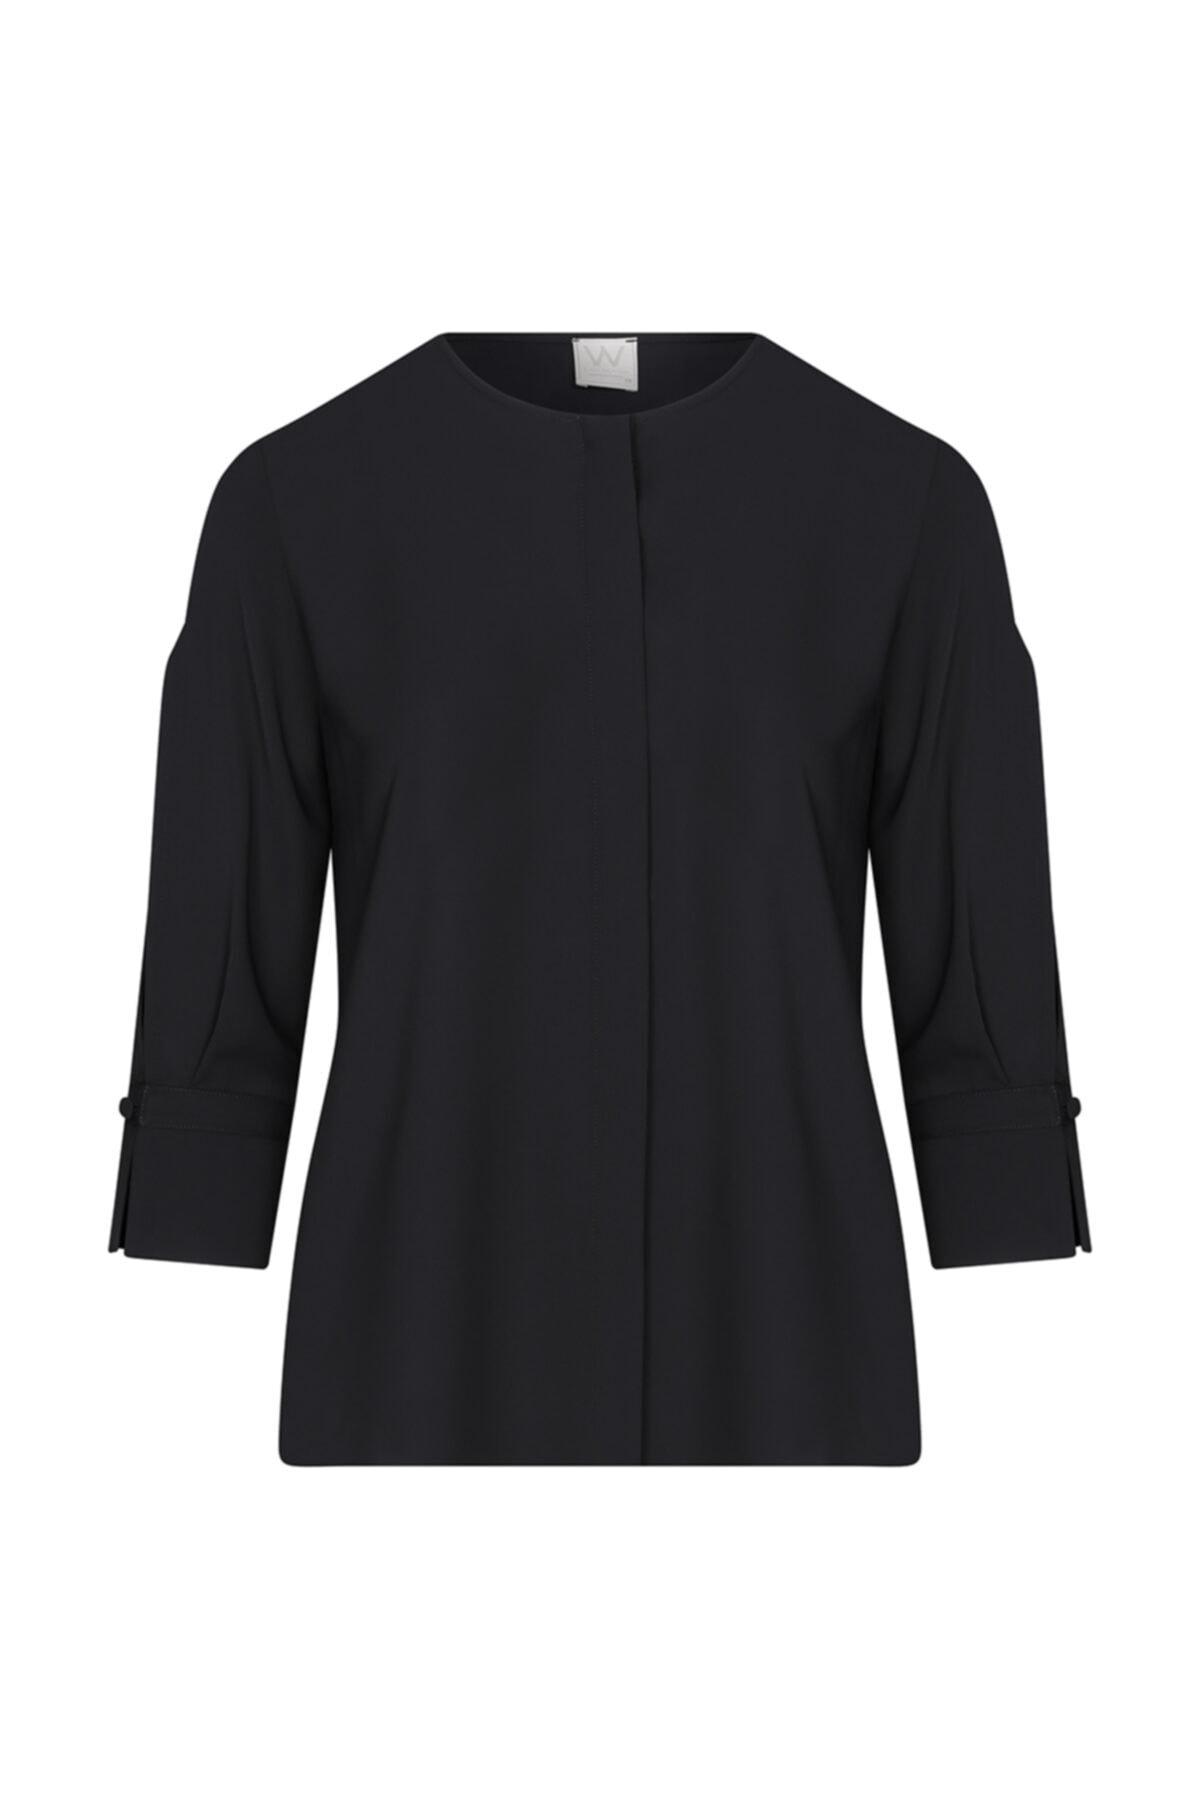 W Collection Kadın Siyah Kolları Yırtmaçlı Bluz 1